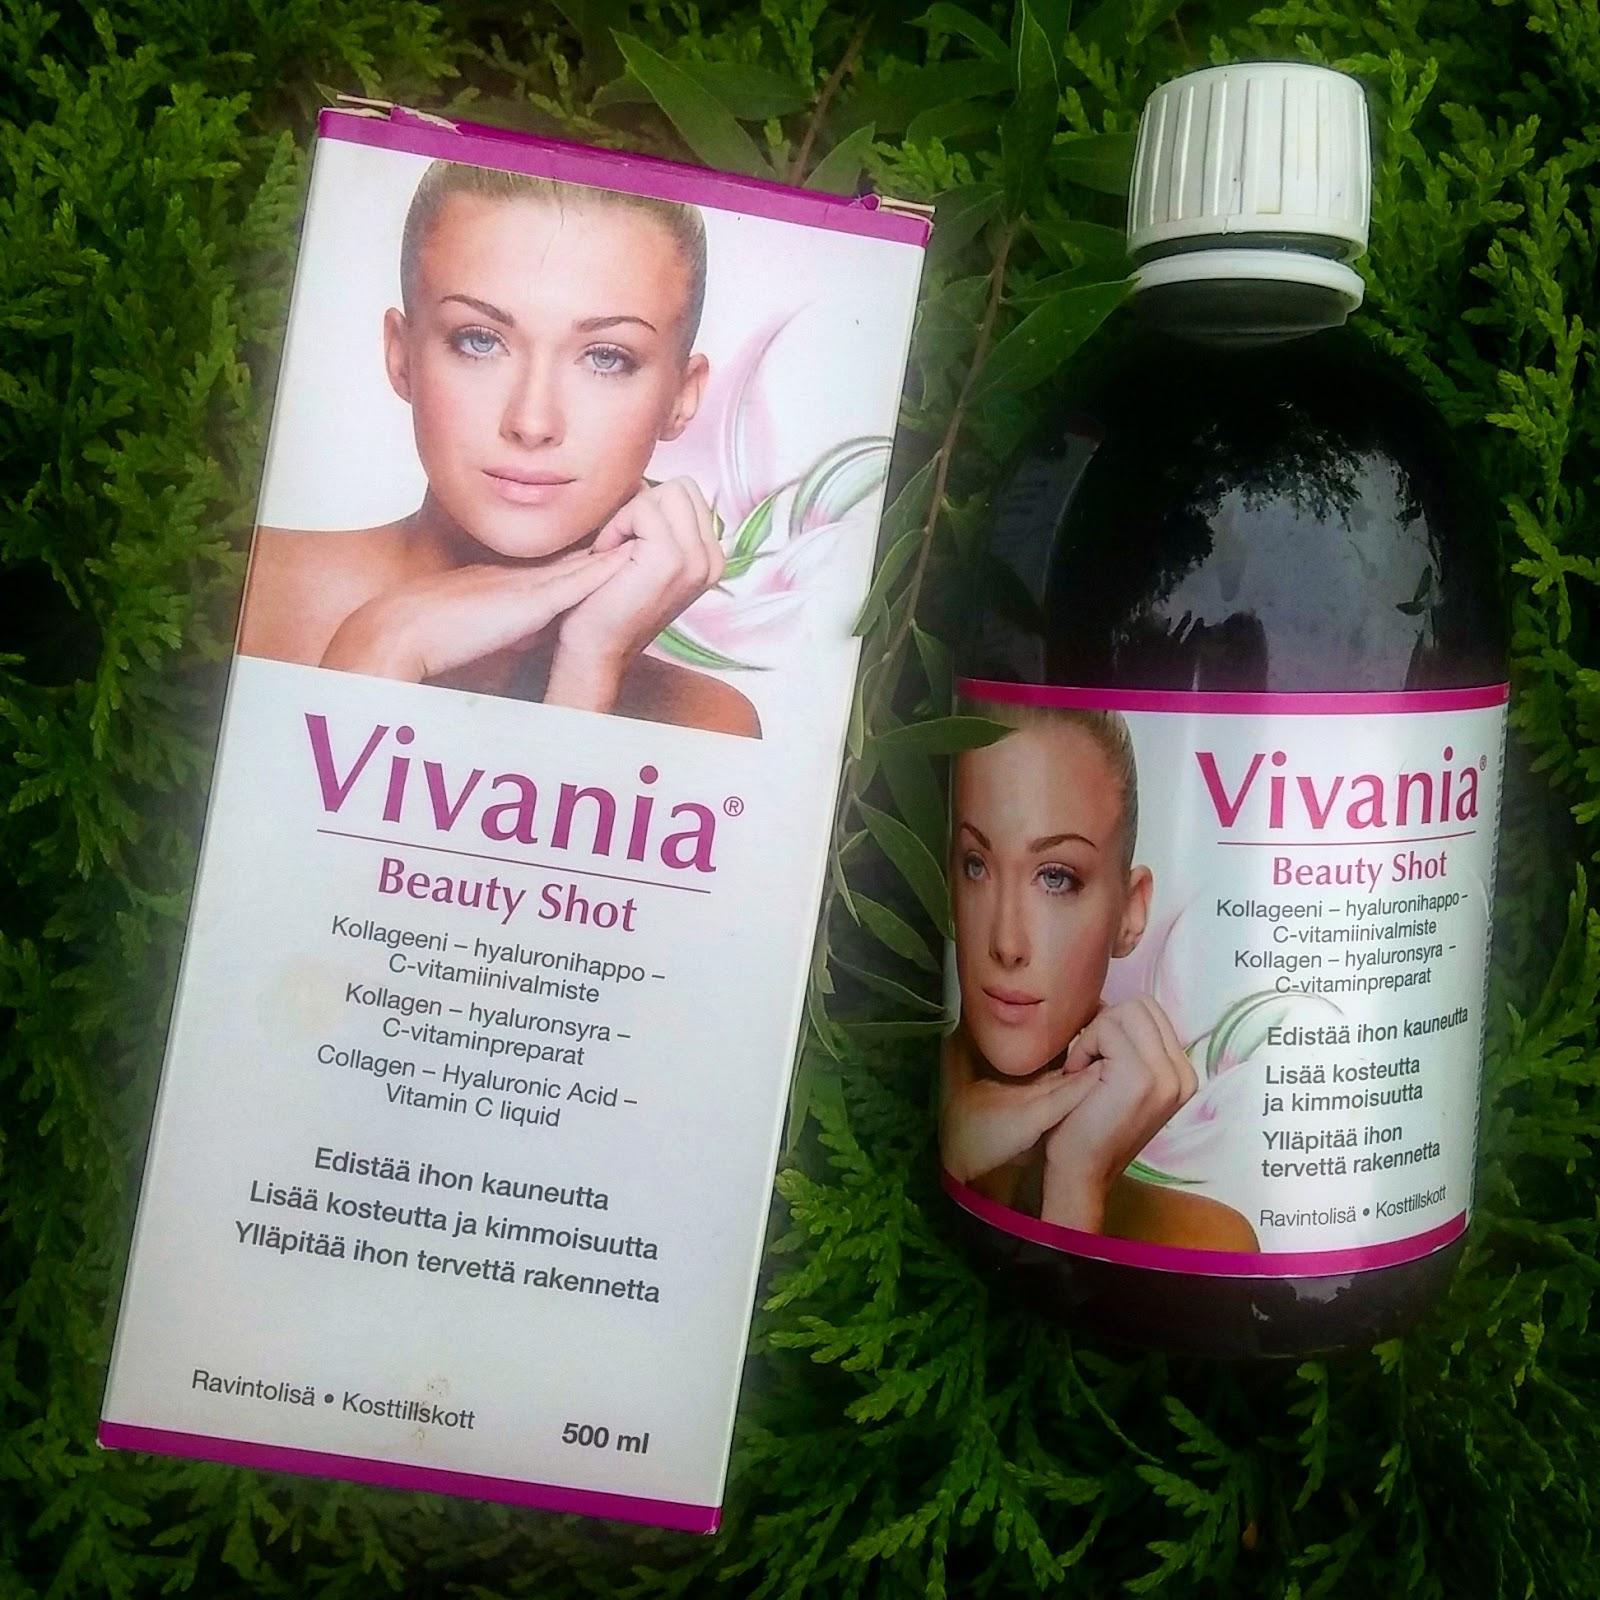 Vivania, kauneudenhoitoa sisäisesti nautittuna!